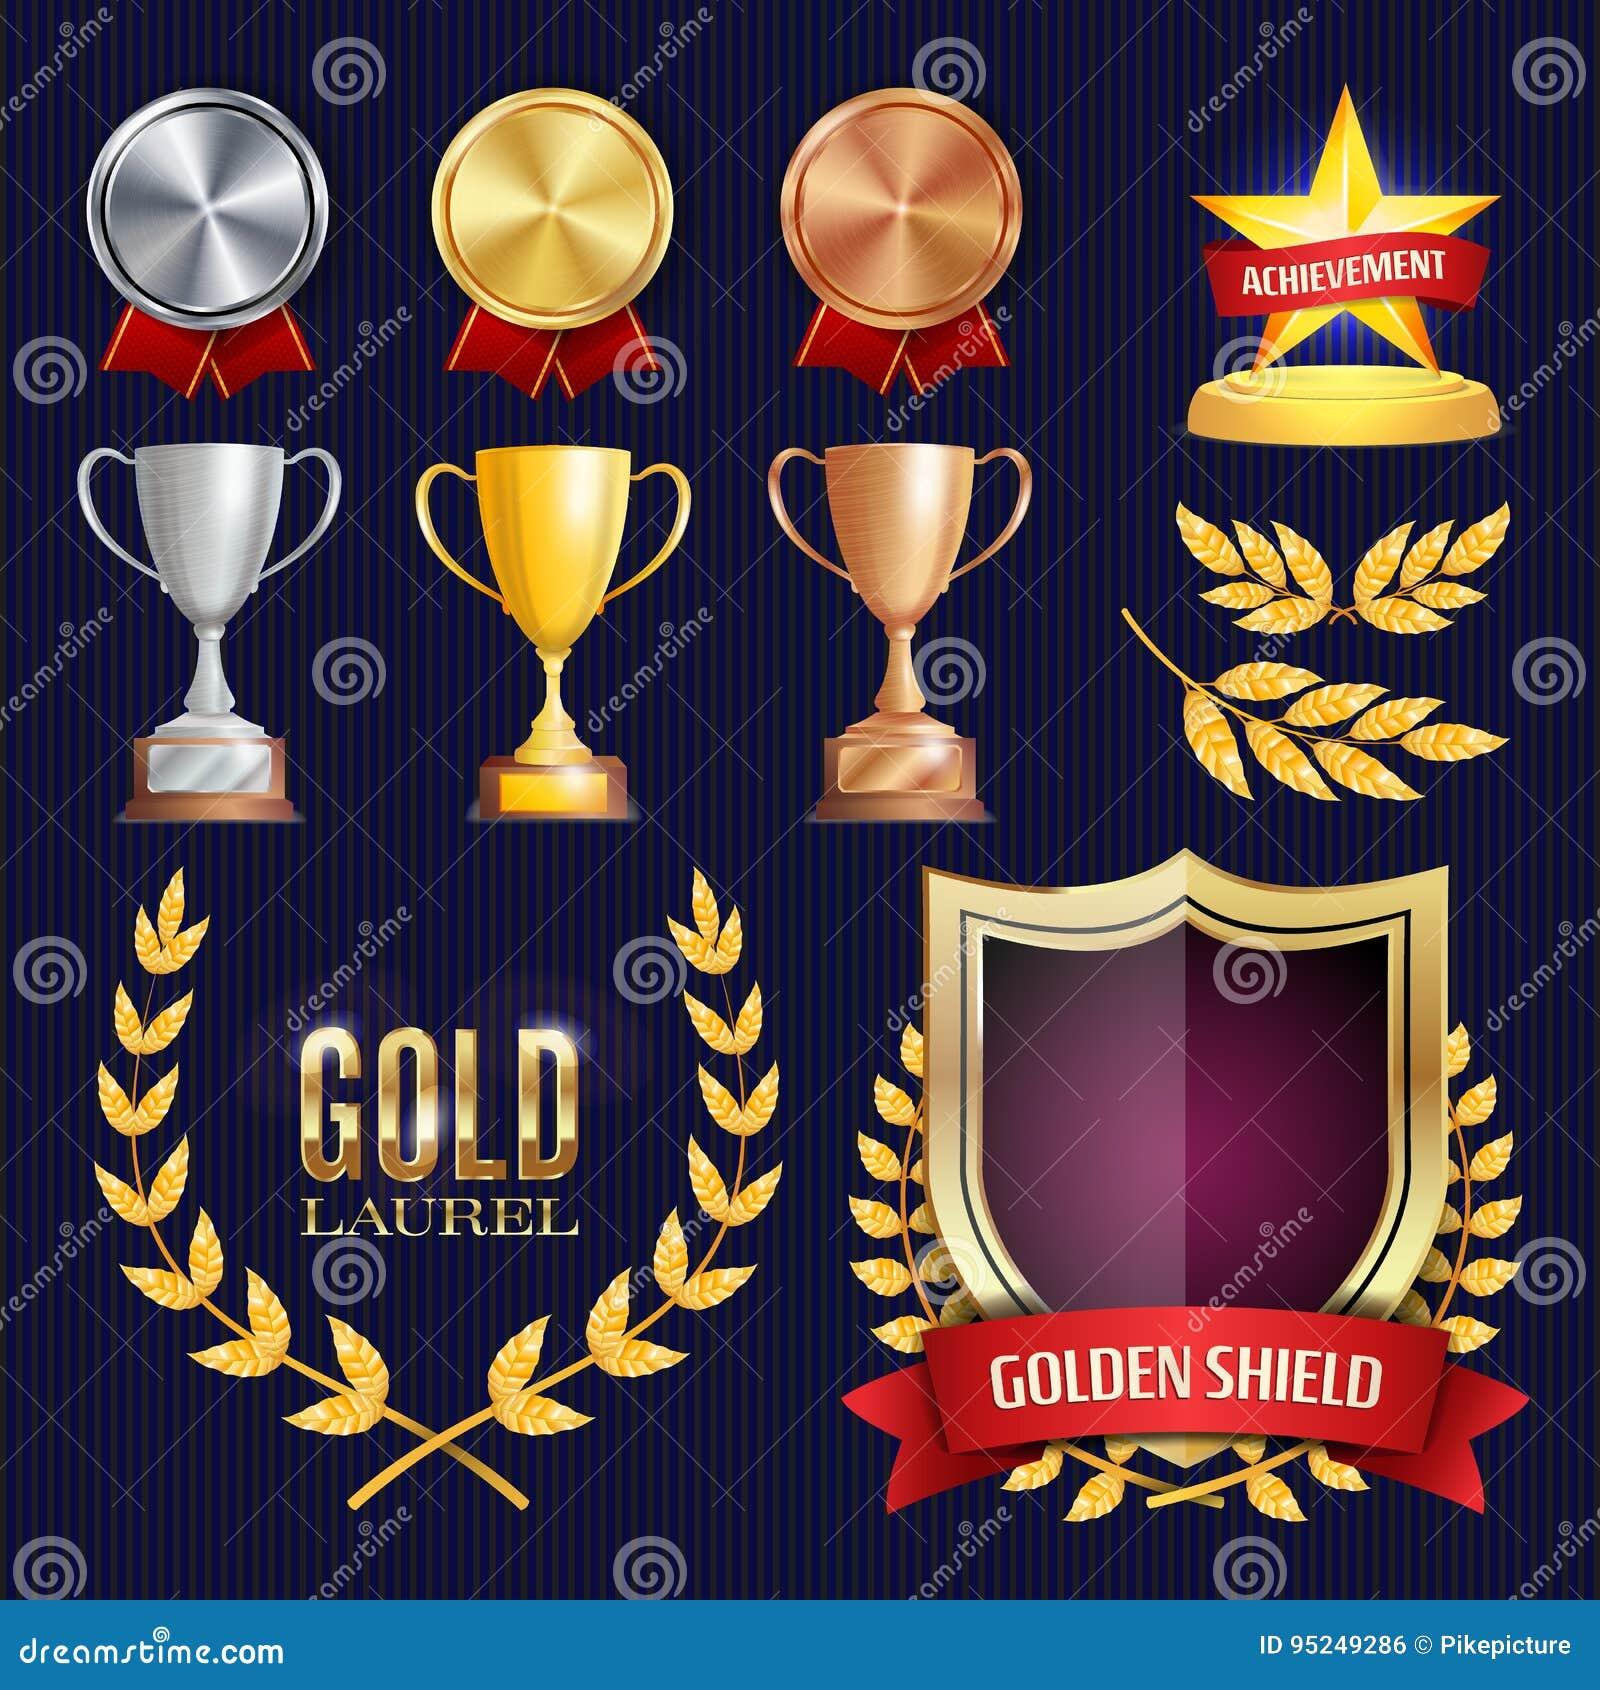 传染媒介奖和战利品汇集 金黄徽章和标签 冠军设计 第1,第2,第3个地方 金黄